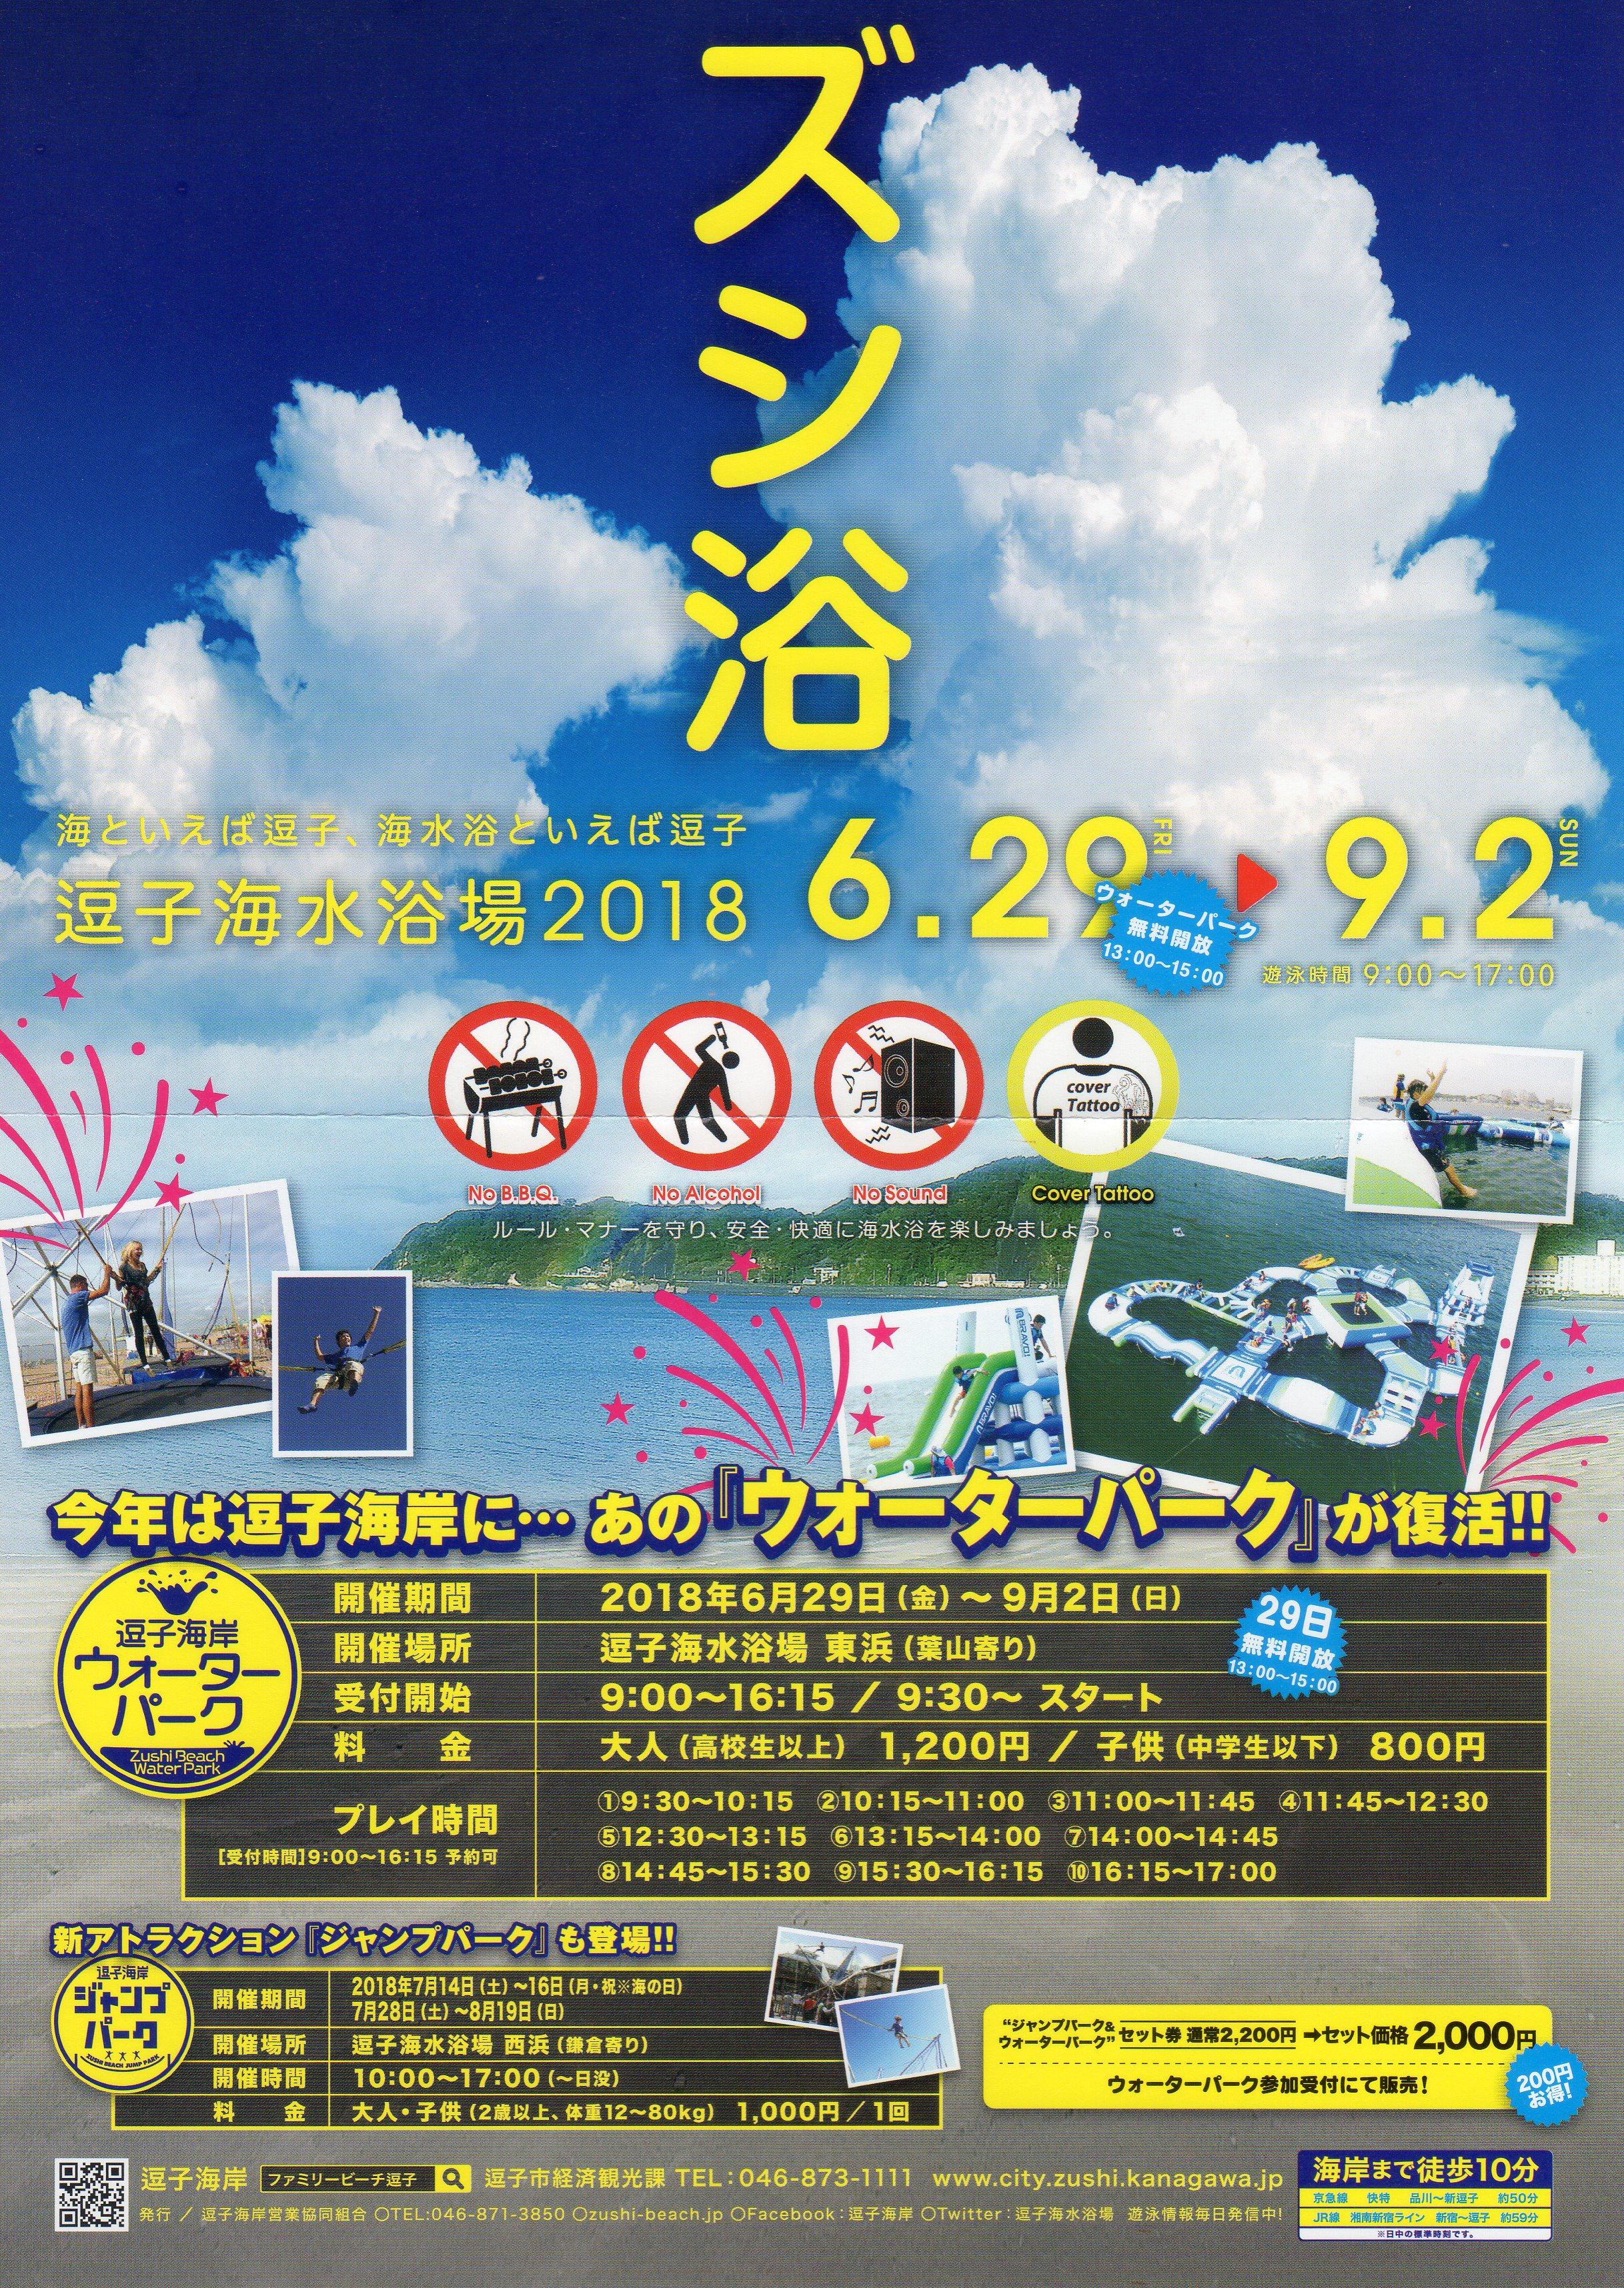 逗子海水浴場2018 6/29FRI〜9/2SUN